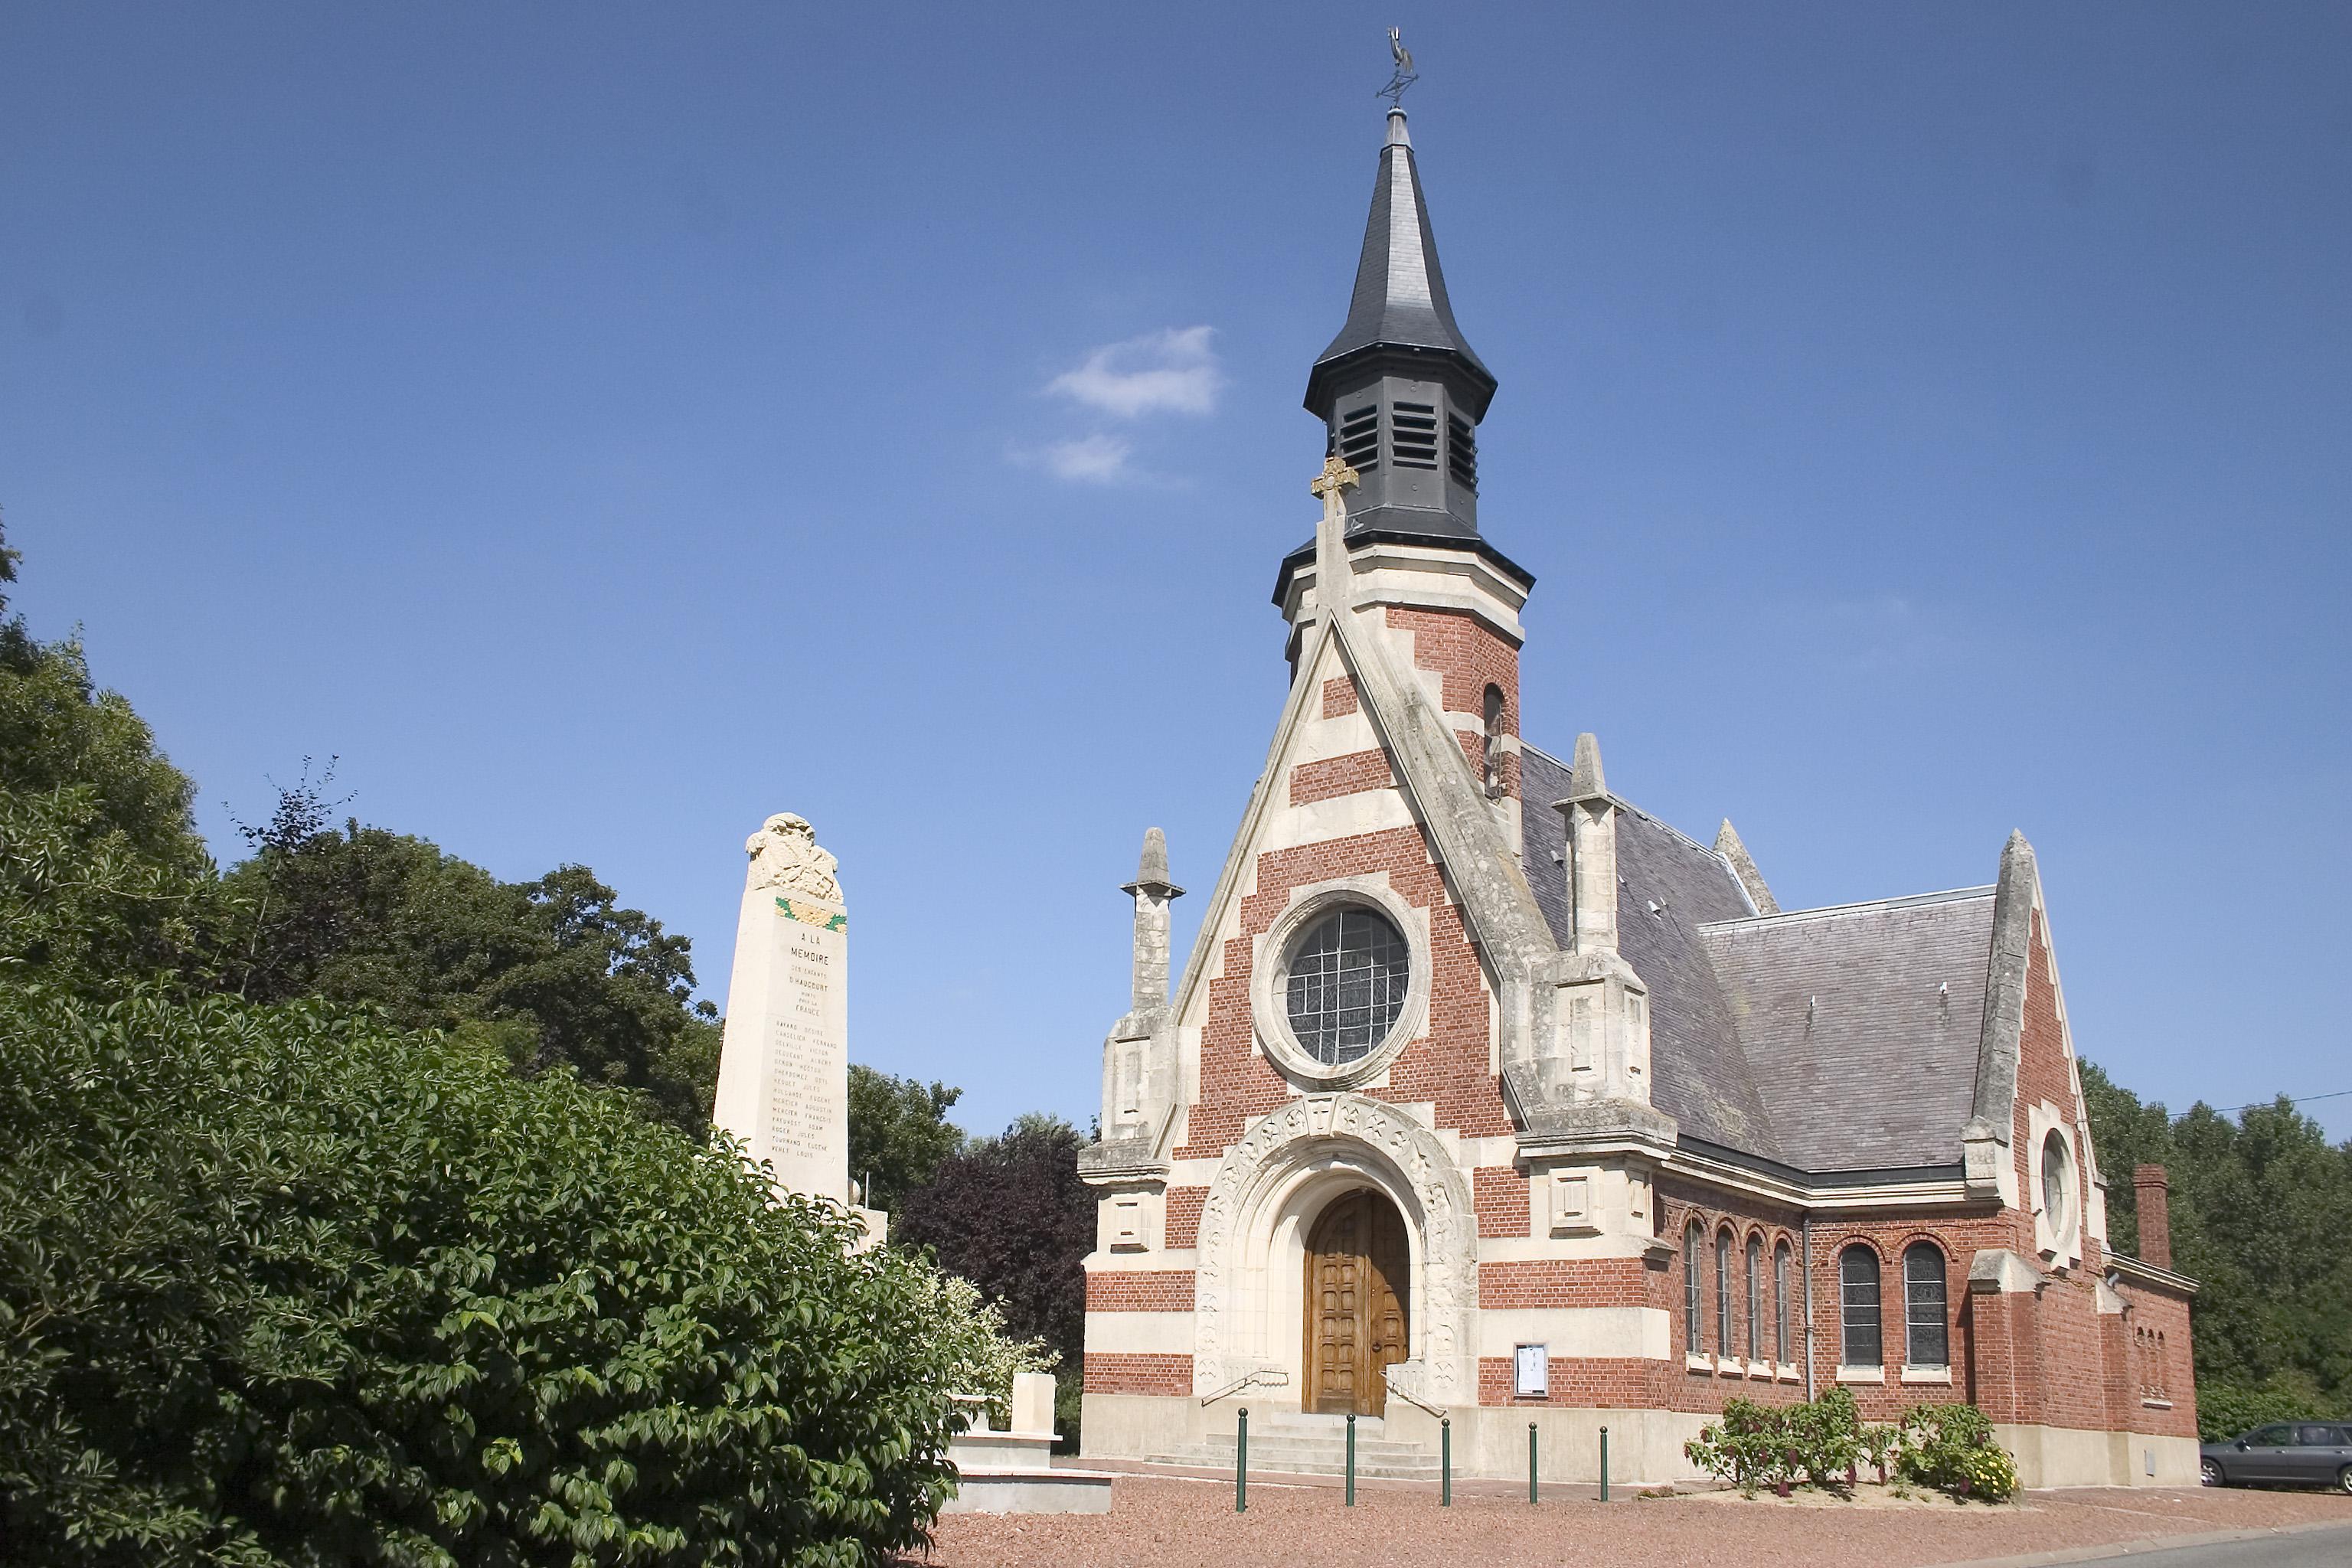 Haucourt, Pas-de-Calais